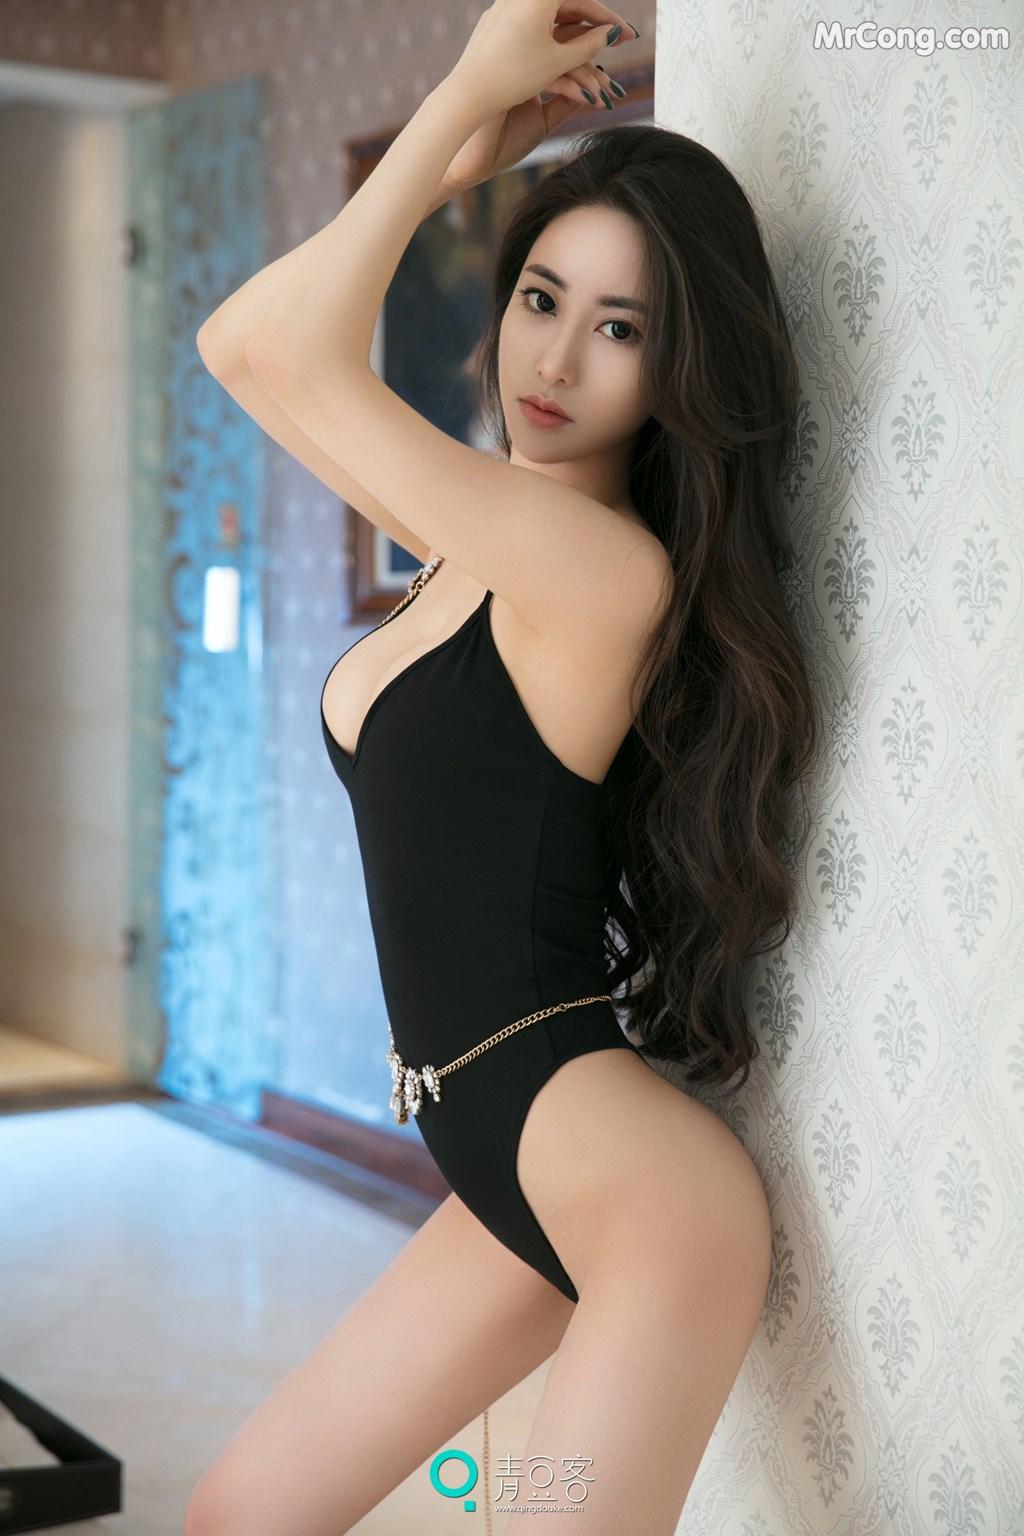 Image QingDouKe-2017-08-03-Mu-Fei-Fei-MrCong.com-016 in post QingDouKe 2017-08-03: Người mẫu Mu Fei Fei (穆菲菲) (53 ảnh)